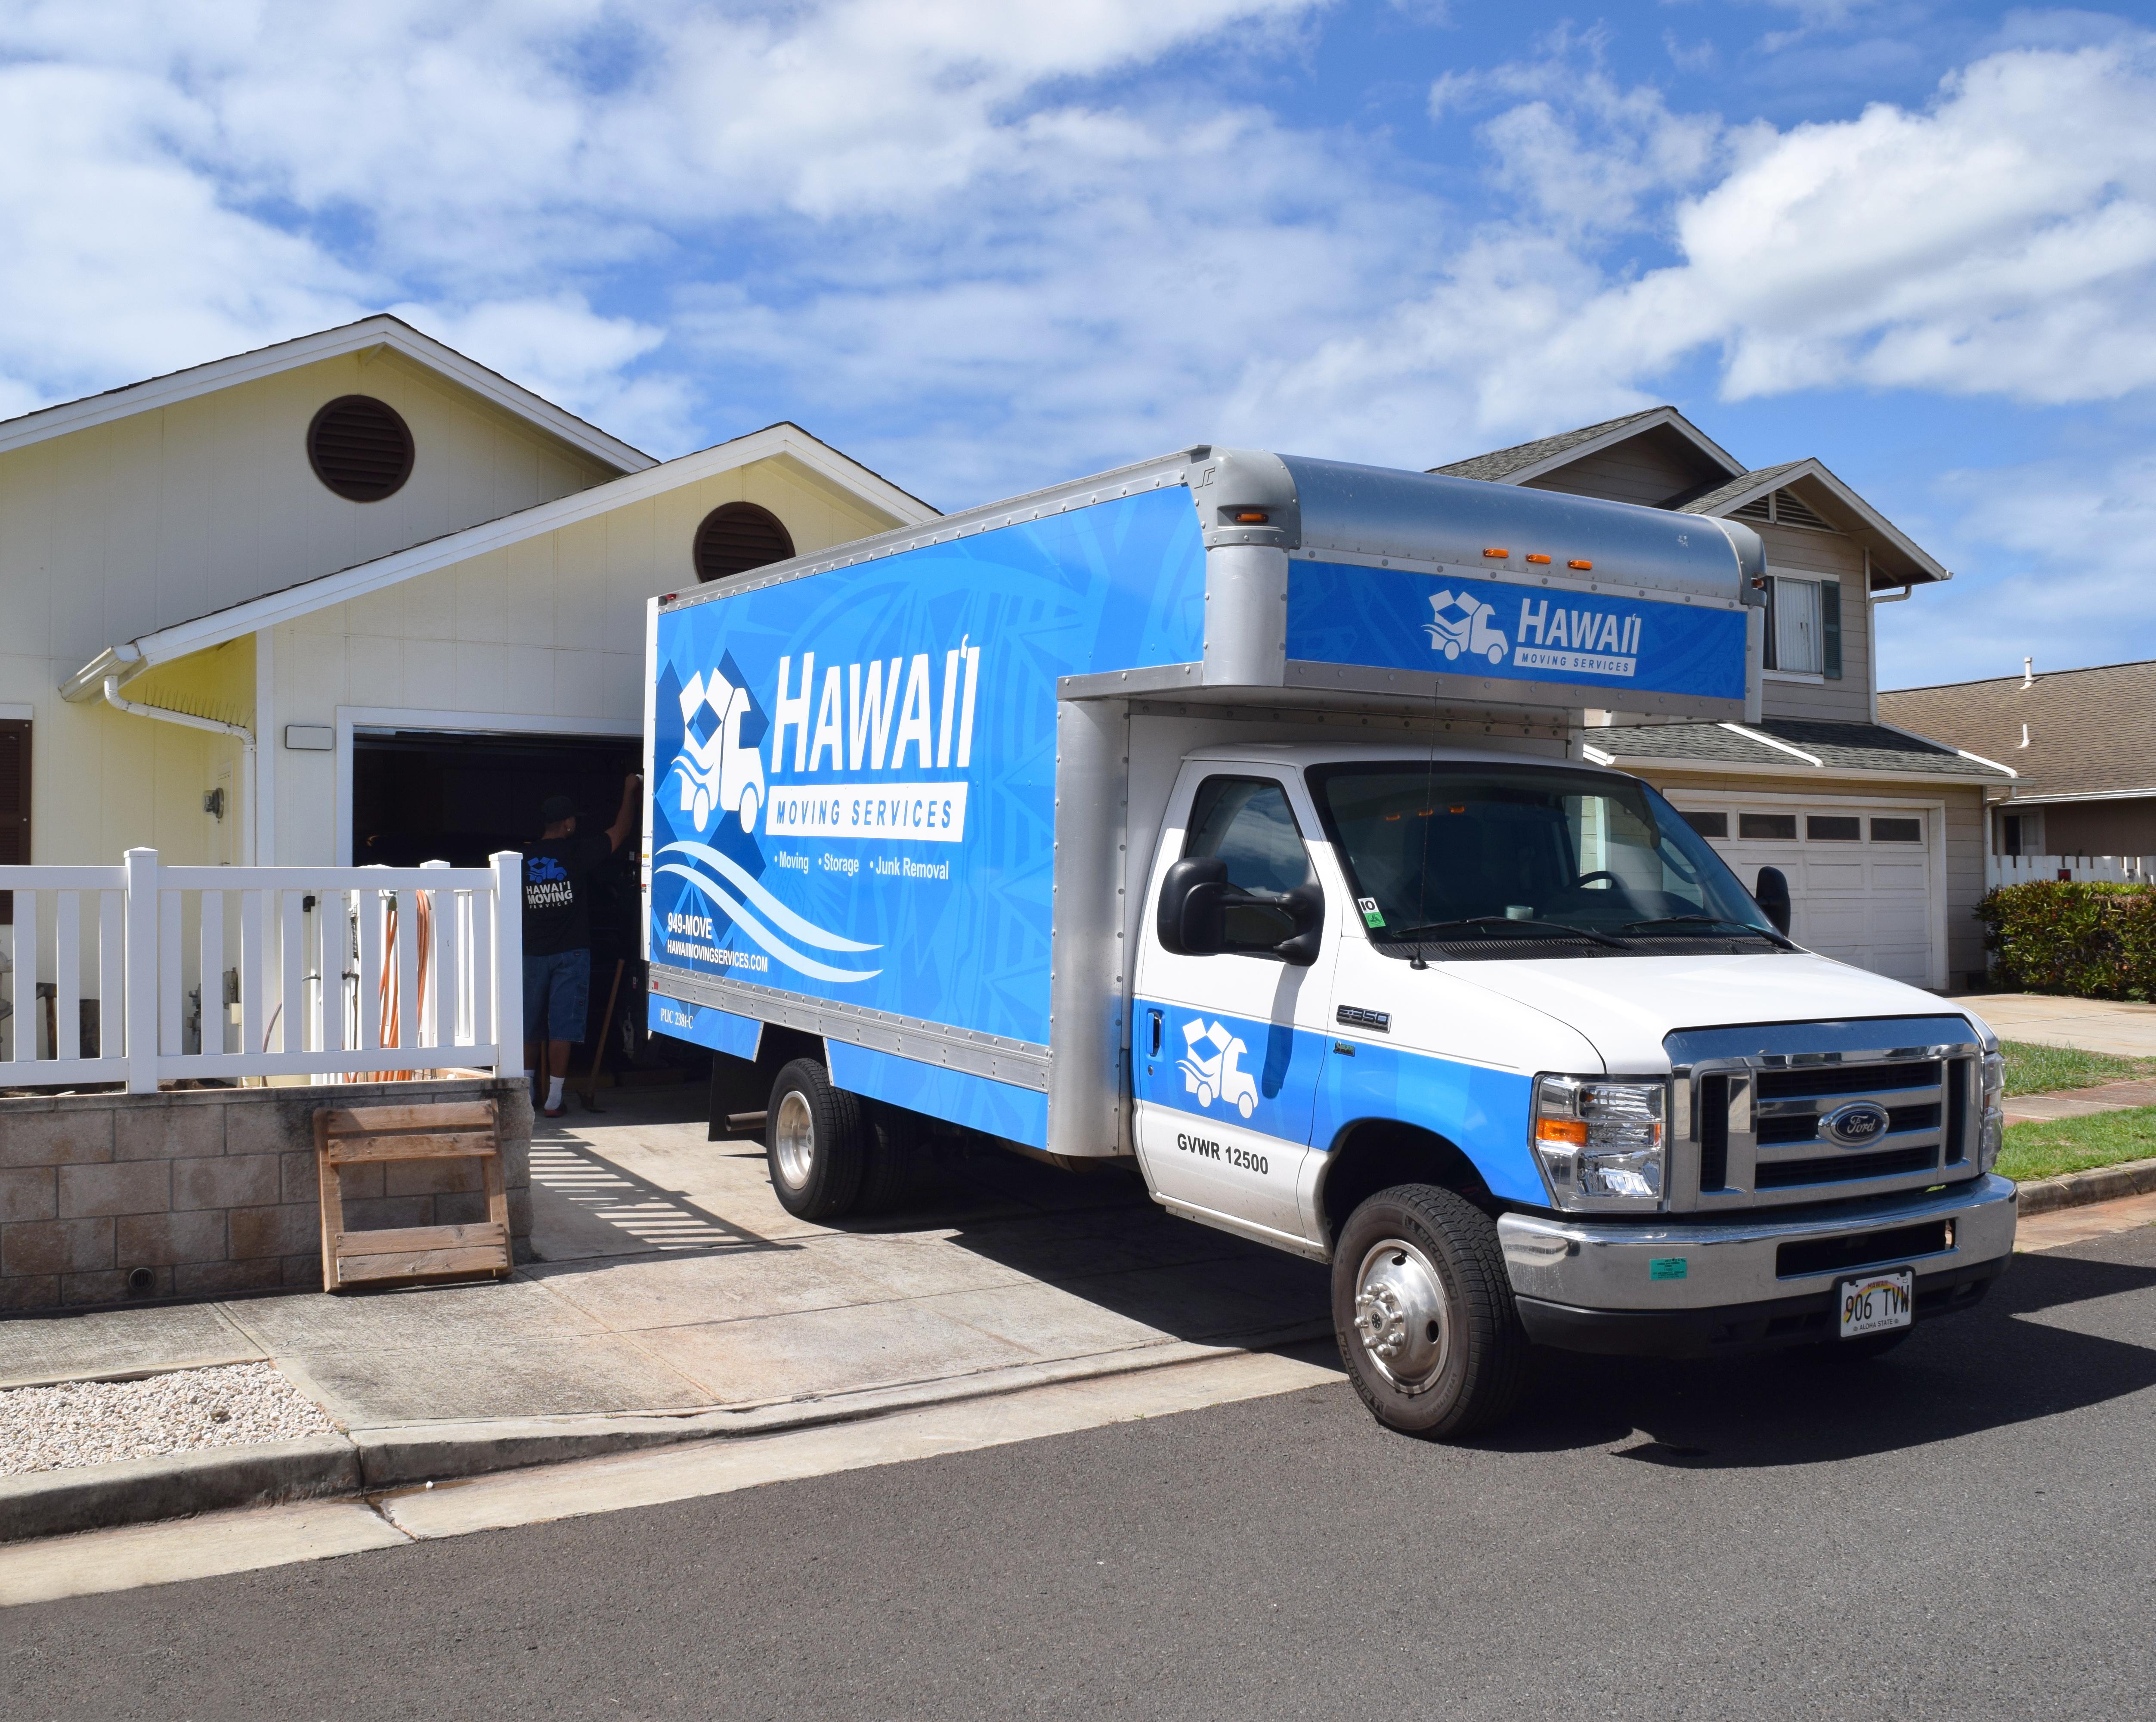 Hawai'i Moving Service